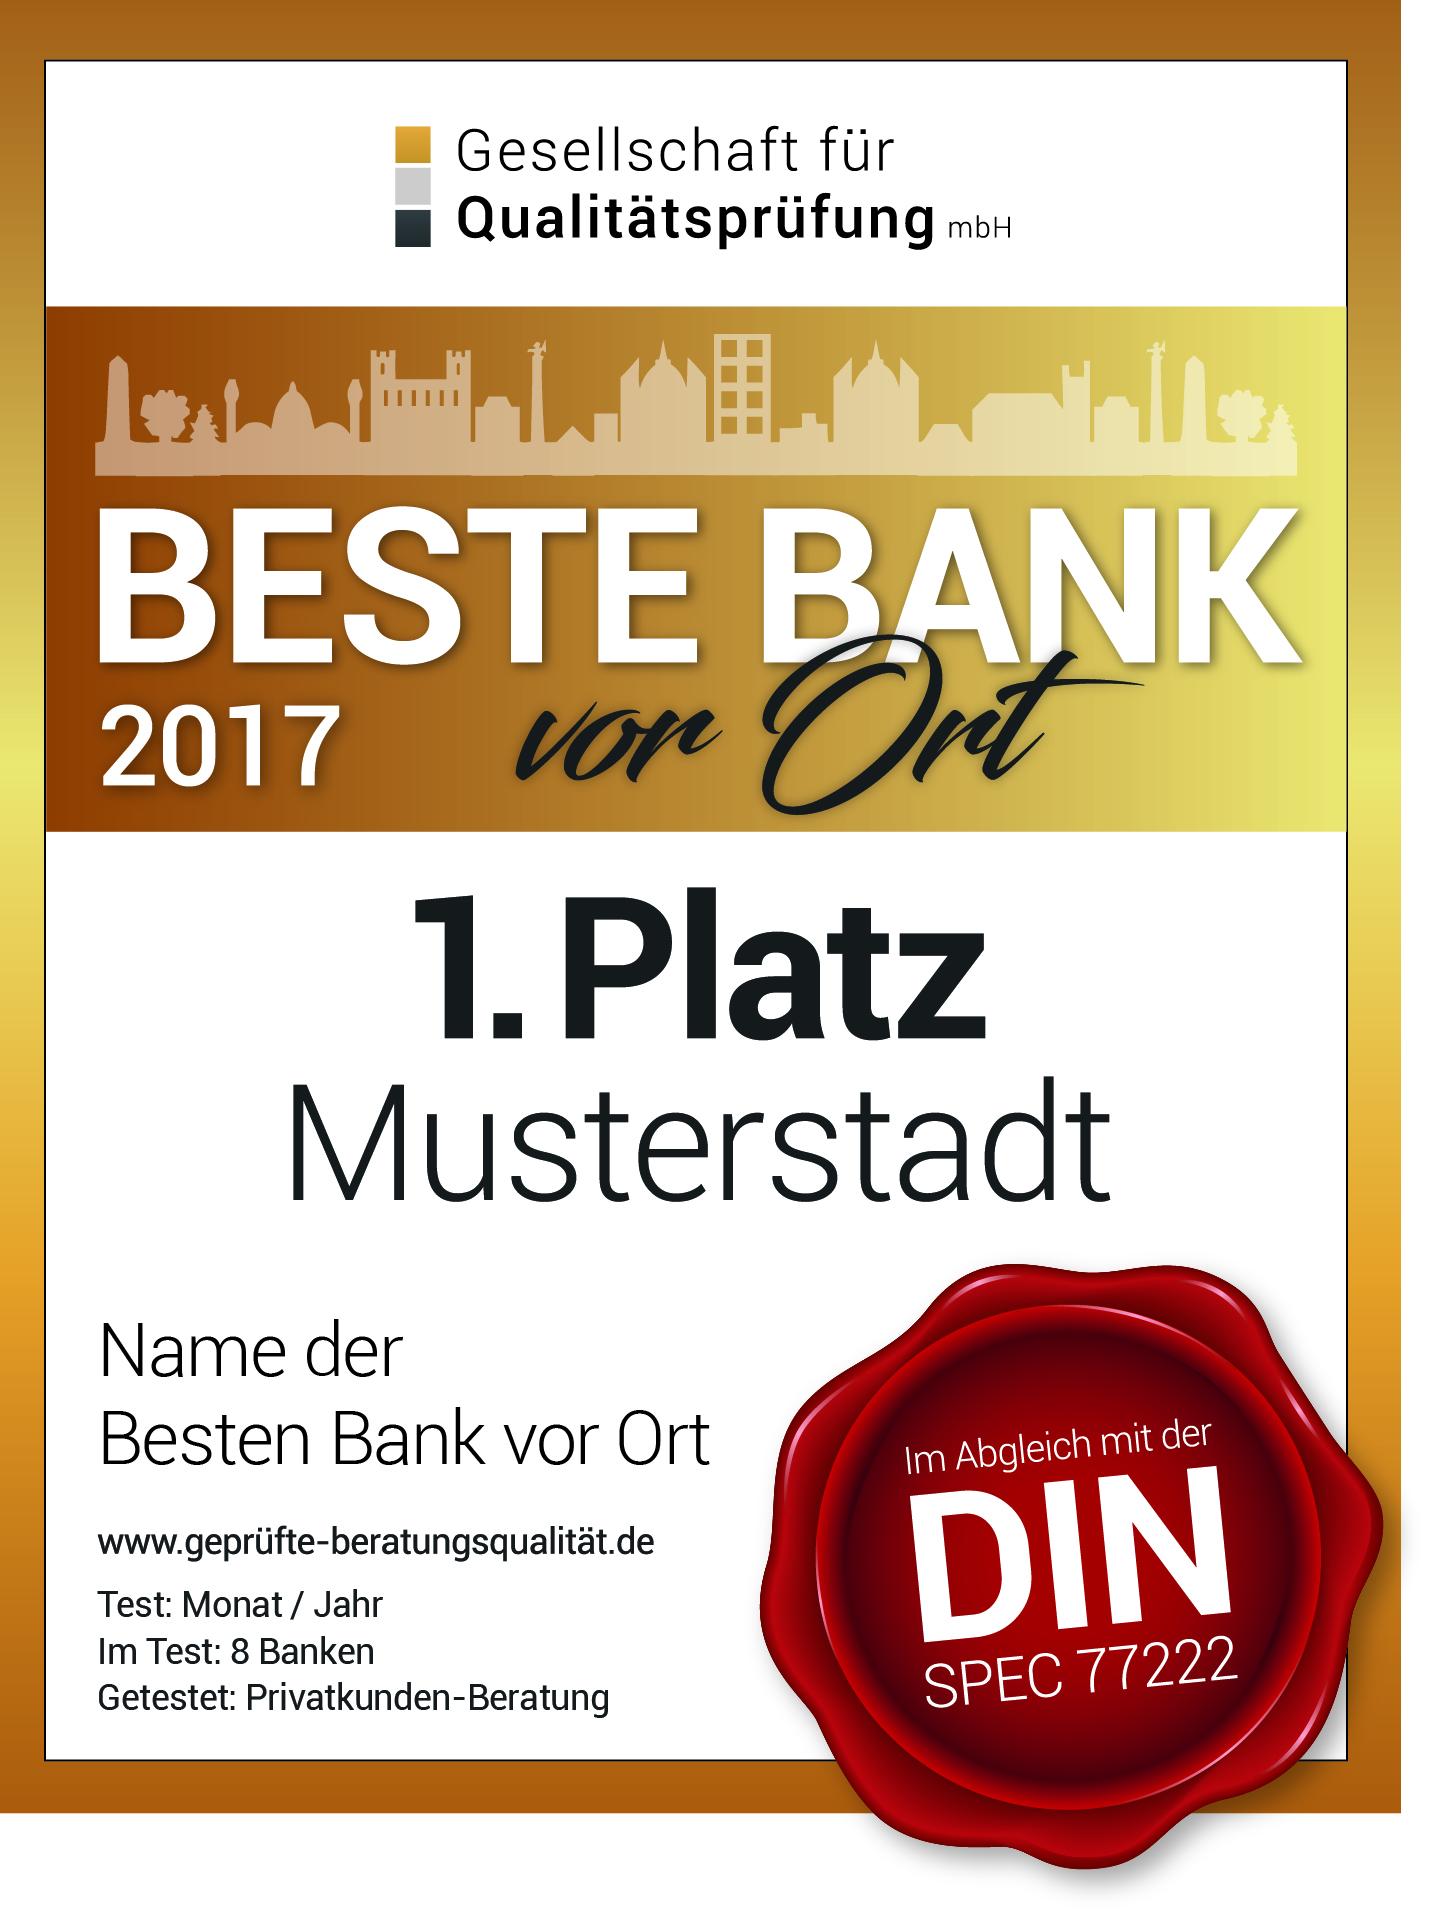 BESTE BANK vor Ort_2017 - final